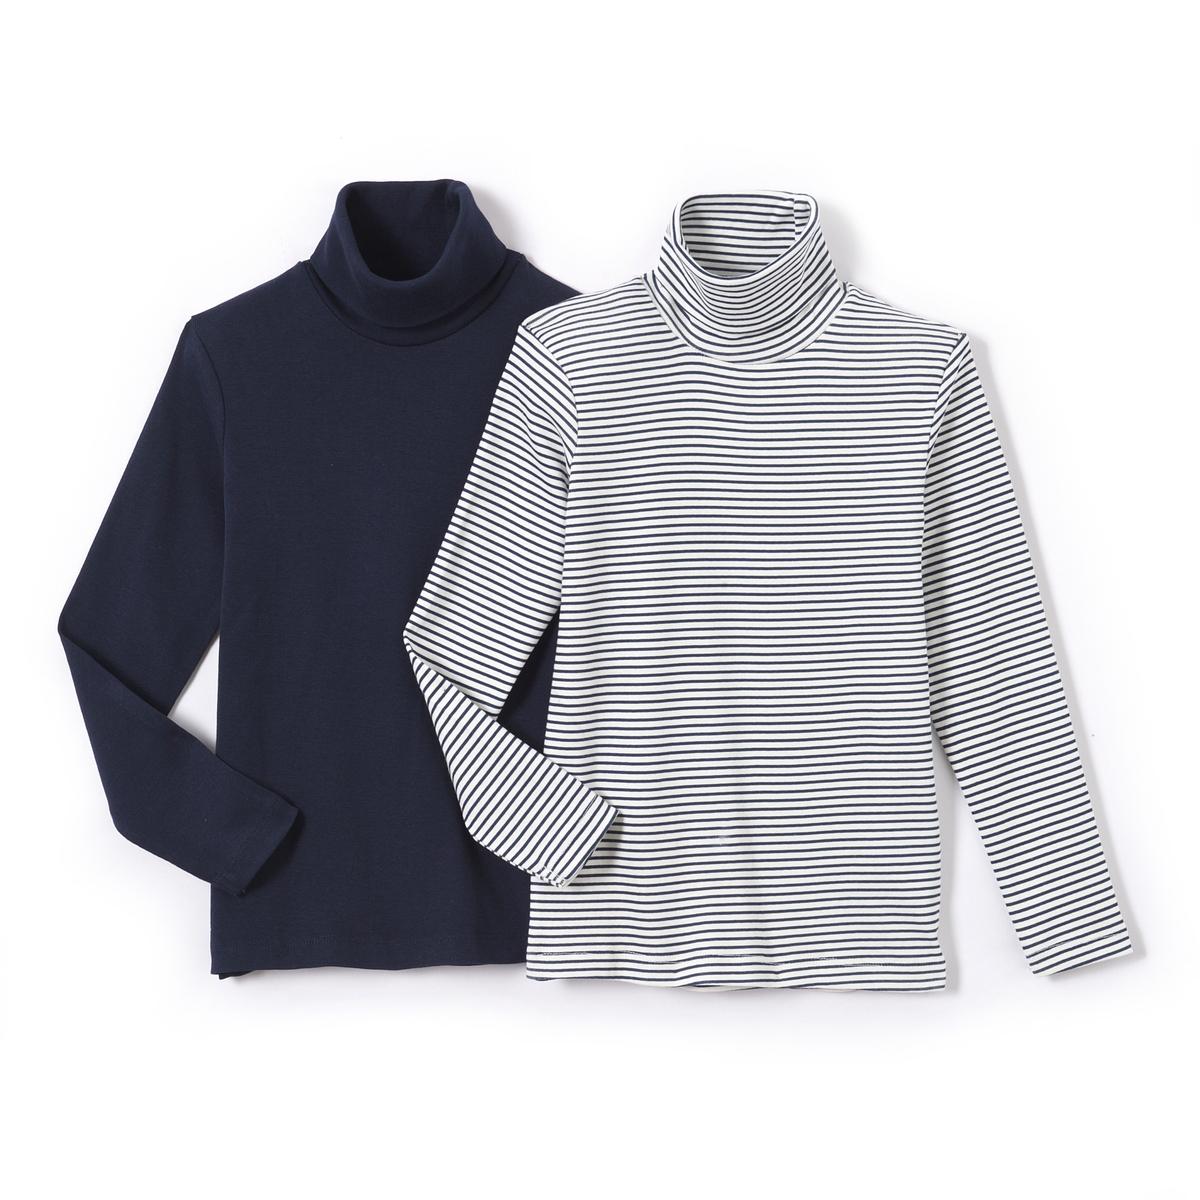 Комплект из 2 тонких свитеров с длинными рукавами, 3-12 лет